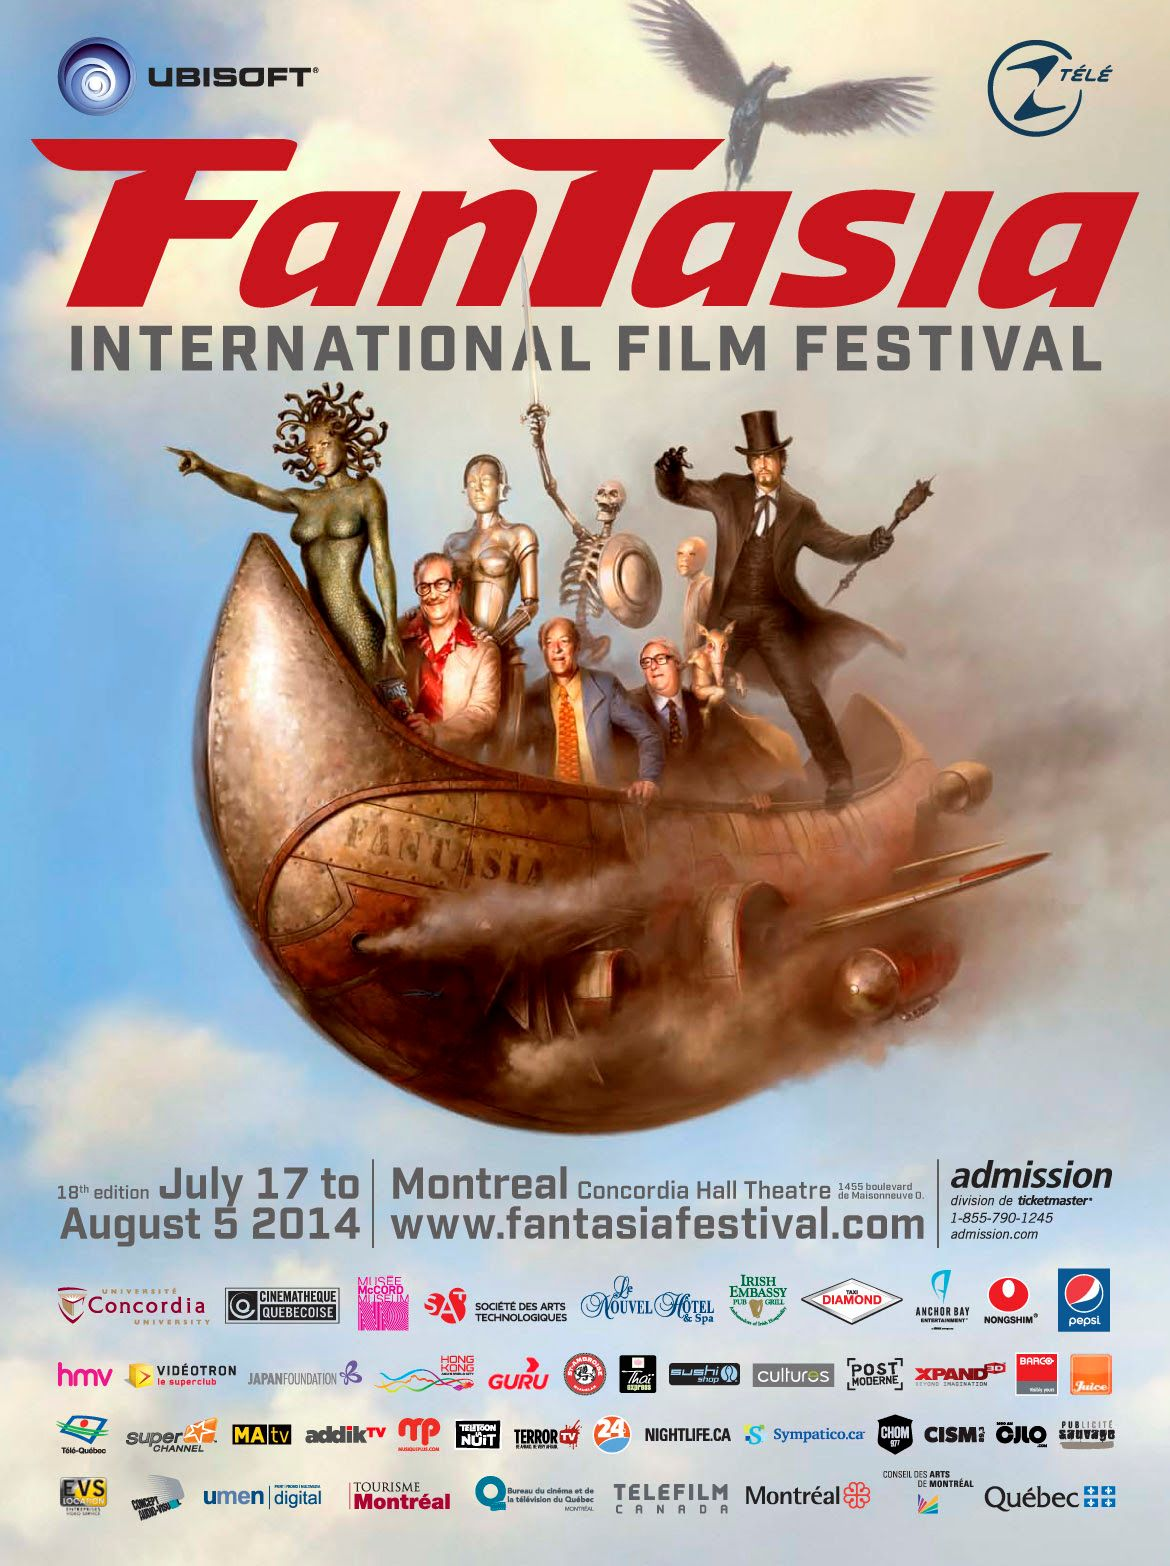 Fantasia International Film Festival 2014 Poster